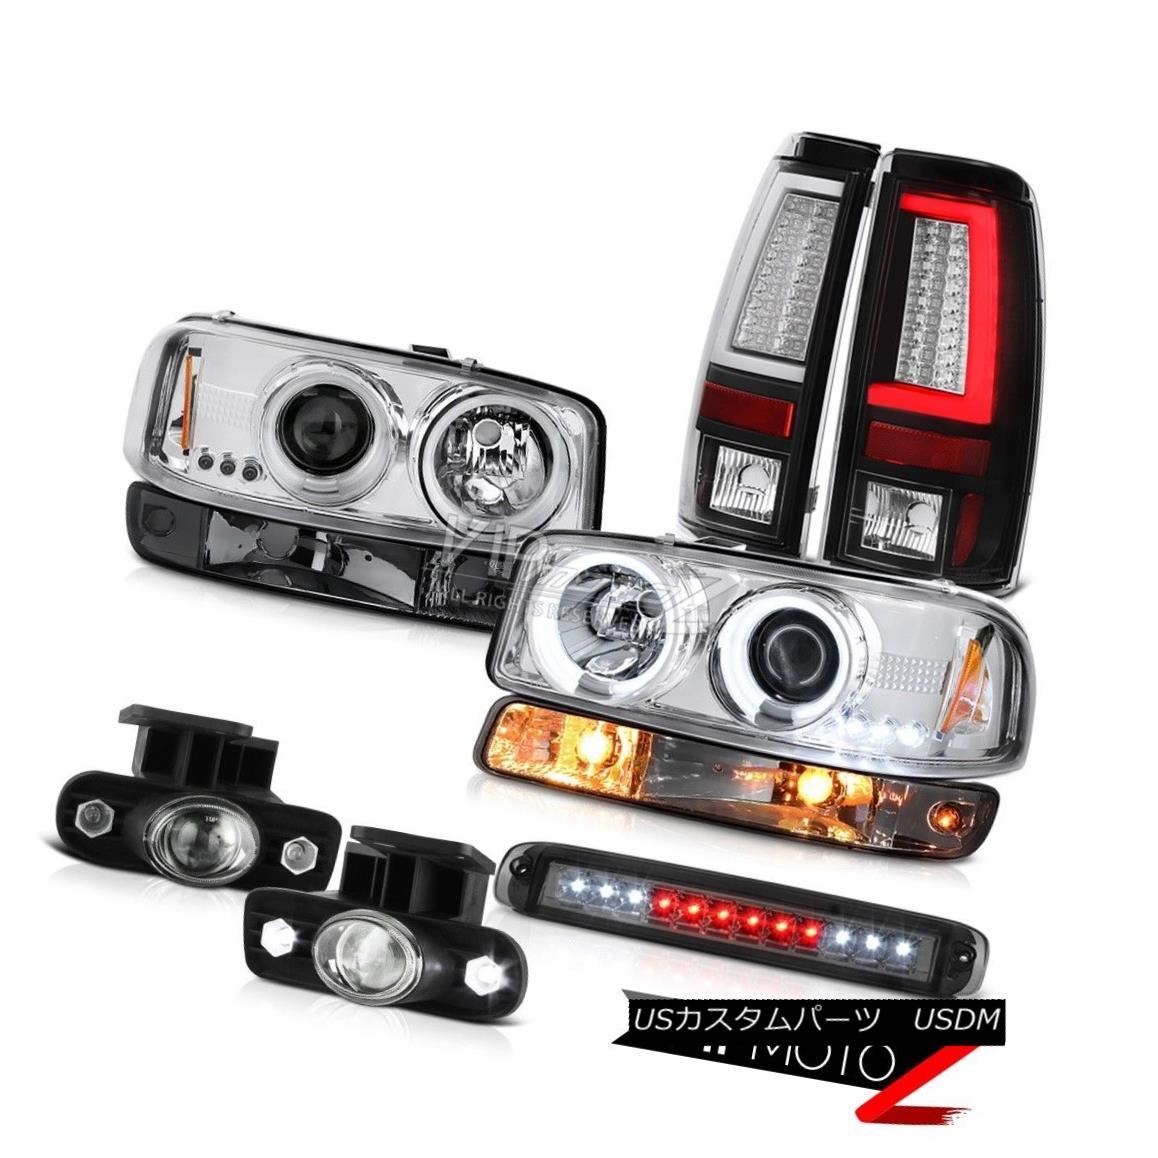 ヘッドライト 99-02 Sierra 3500HD Taillights Roof Cab Lamp Signal Foglamps CCFL Headlights LED 99-02 Sierra 3500HDテールランプルーフキャブ・ランプ信号フォグランプCCFLヘッドライトLED